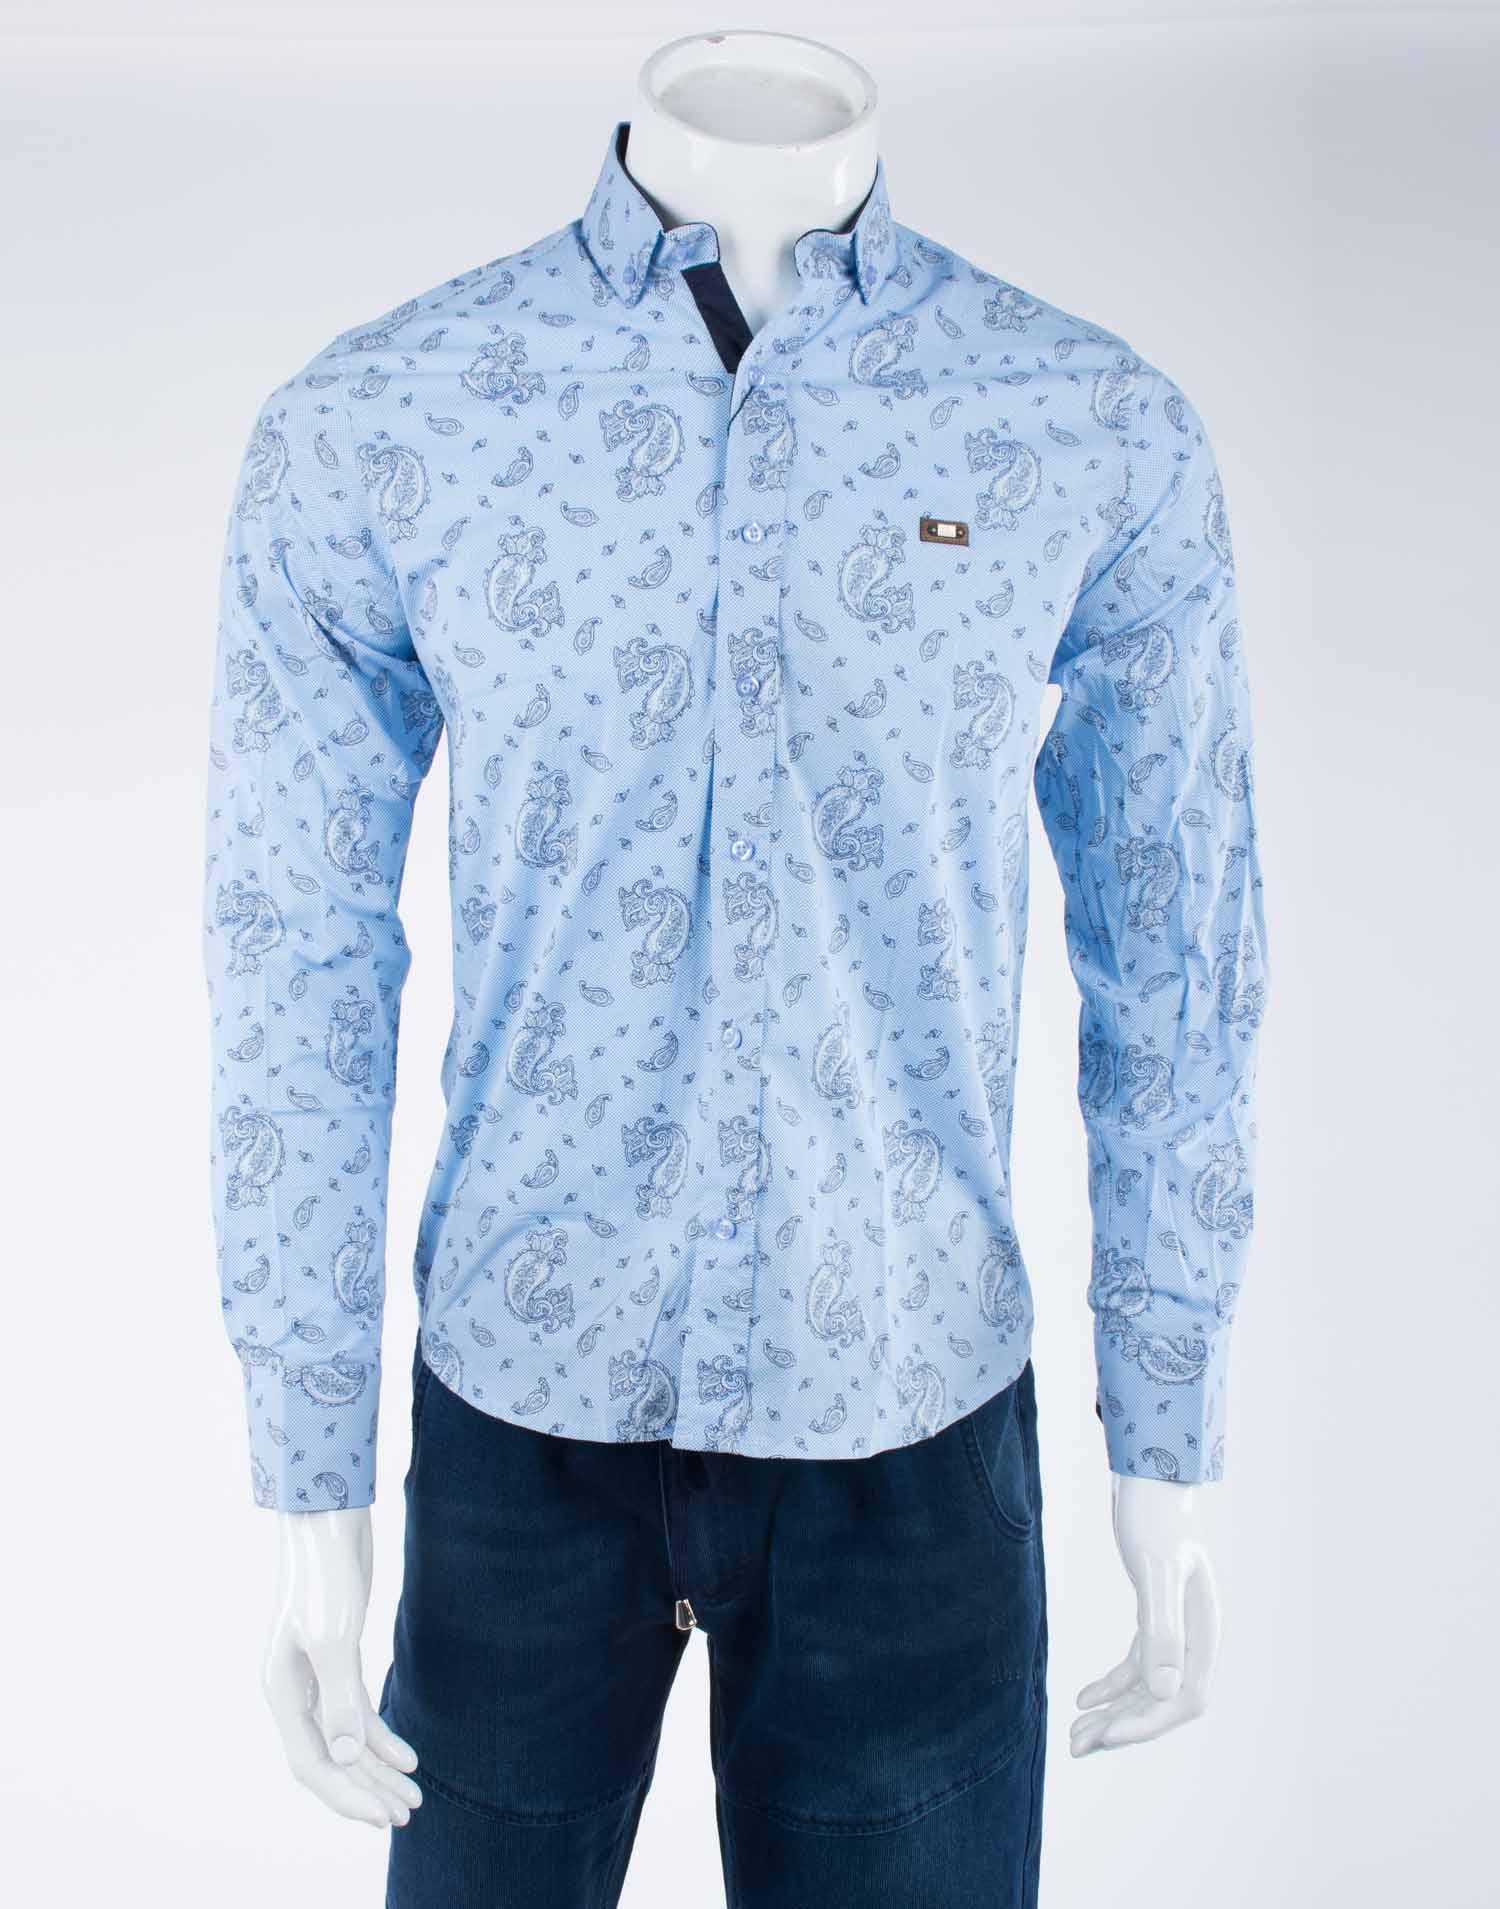 بالصور قميص رجالي , احدث صيحه من القميص الرجالى 5984 2